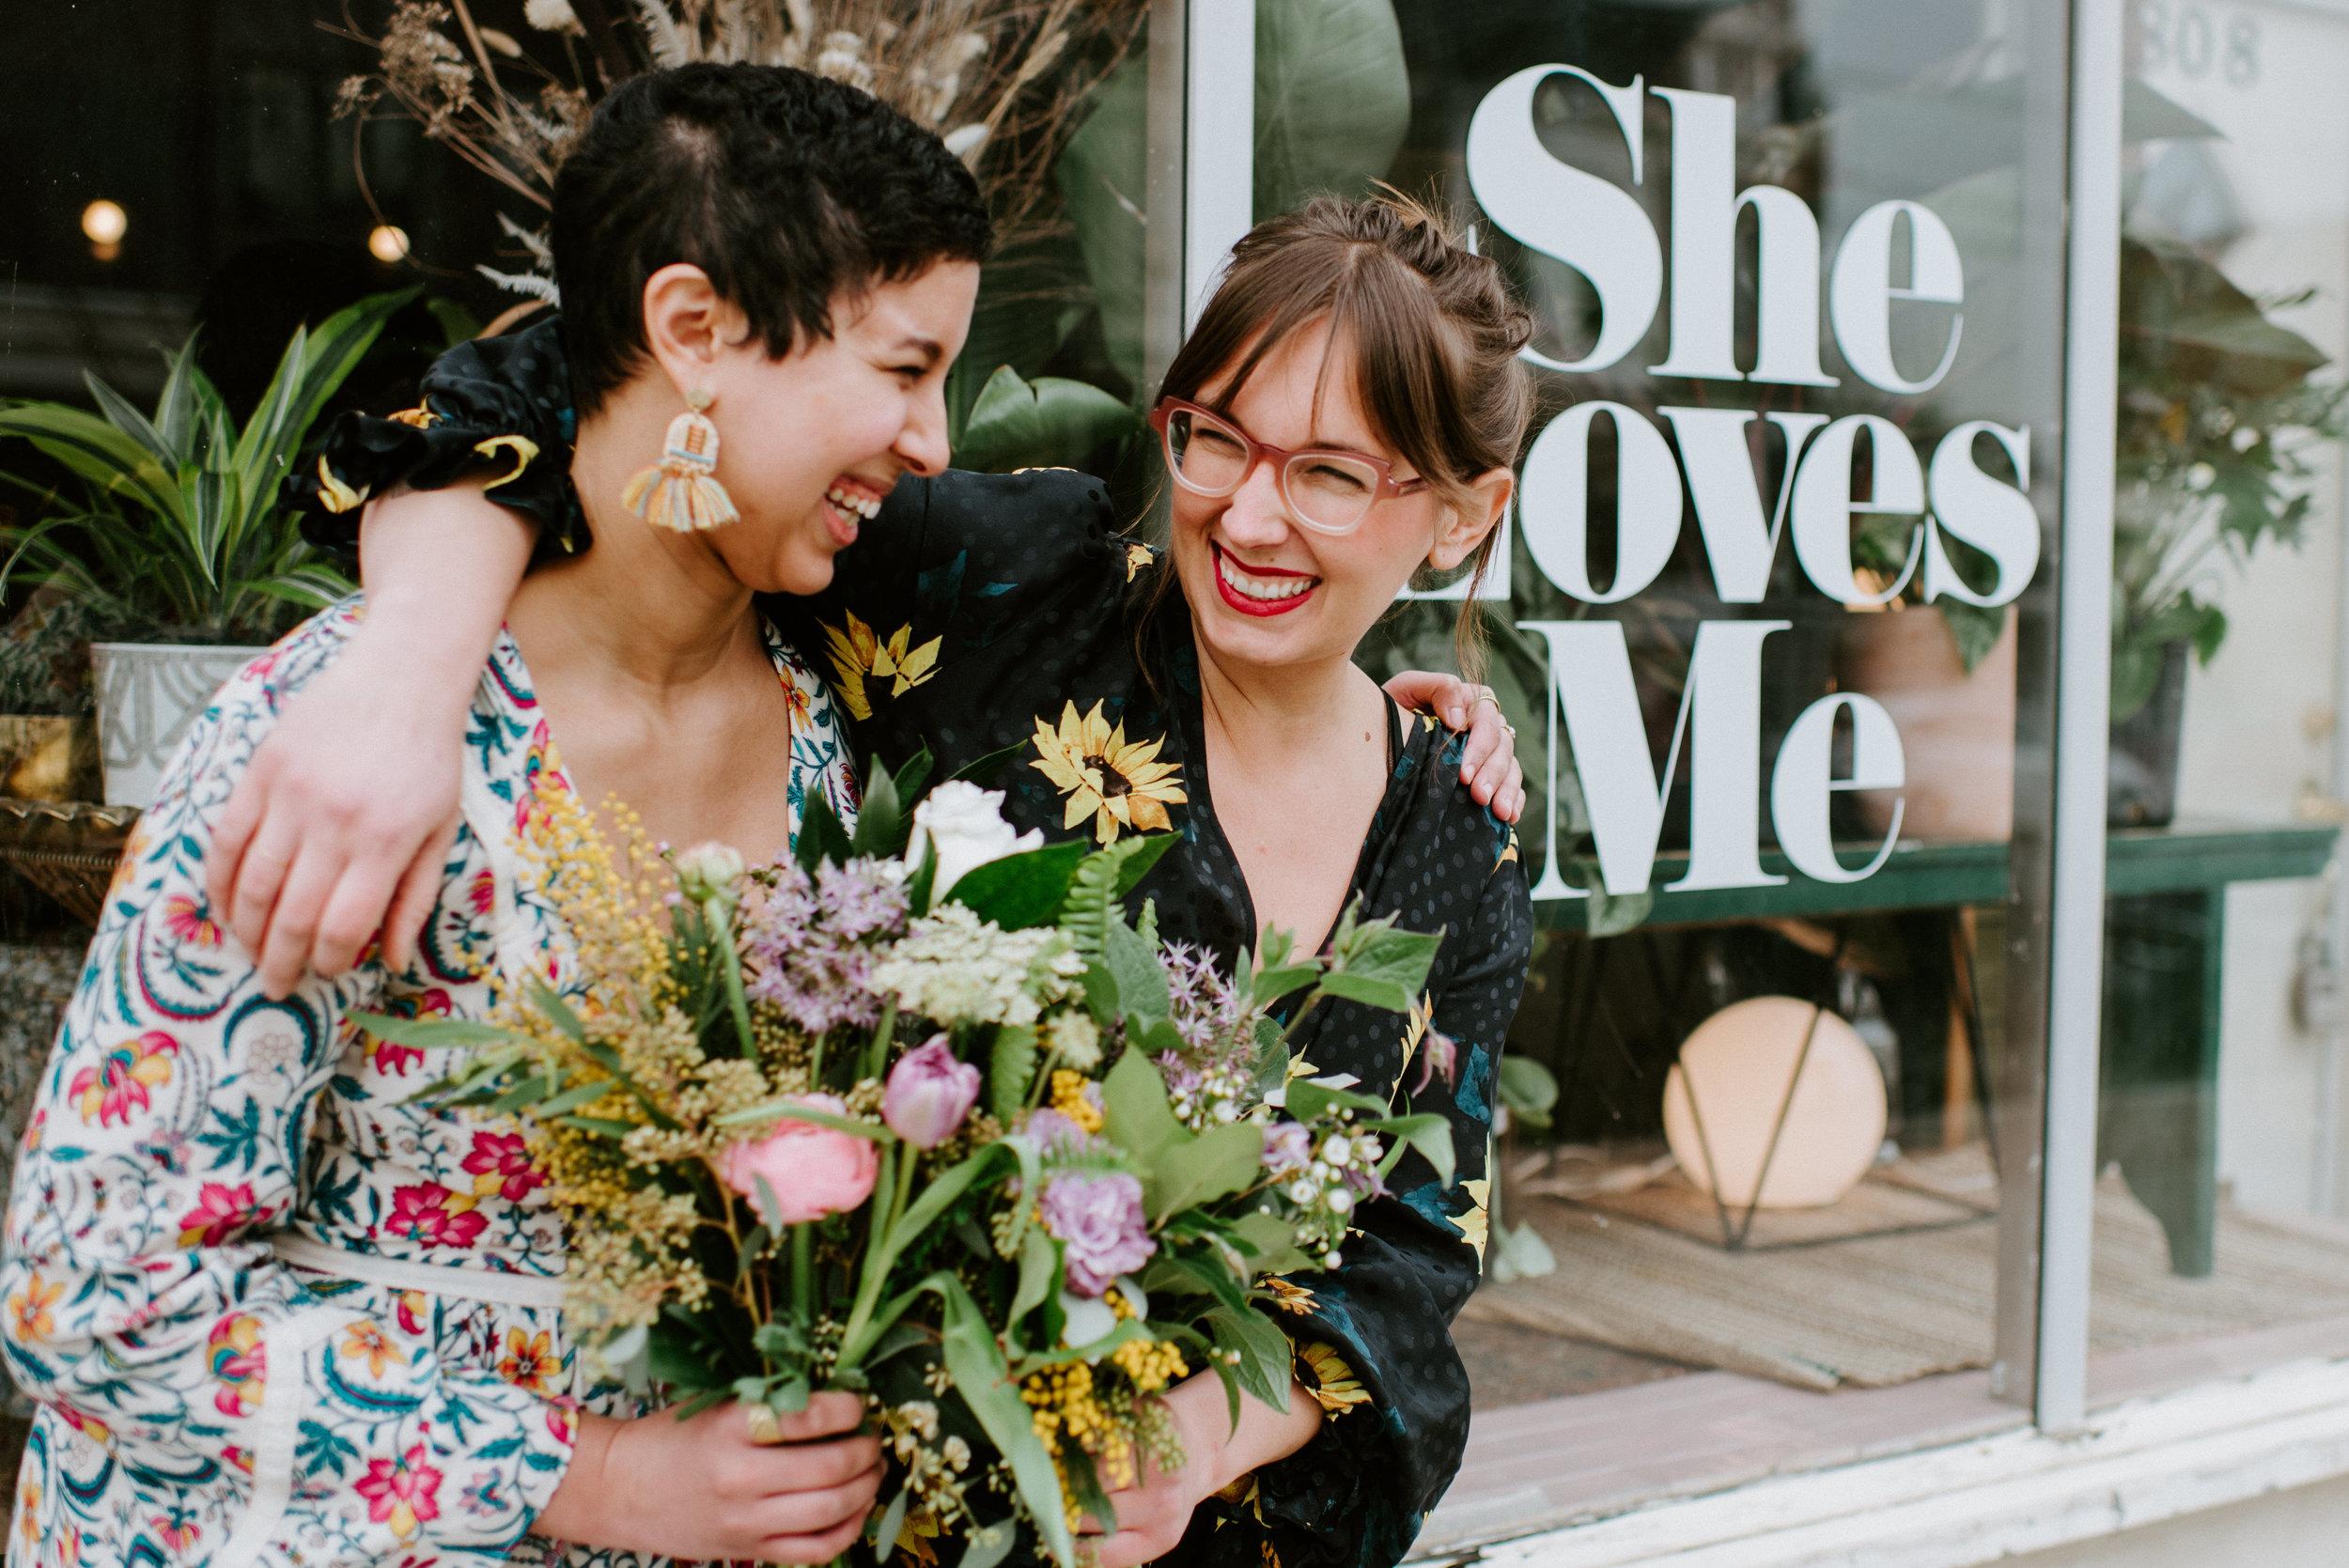 she-loves-me-flower-shop-dc-brand-photographer-megan-graham